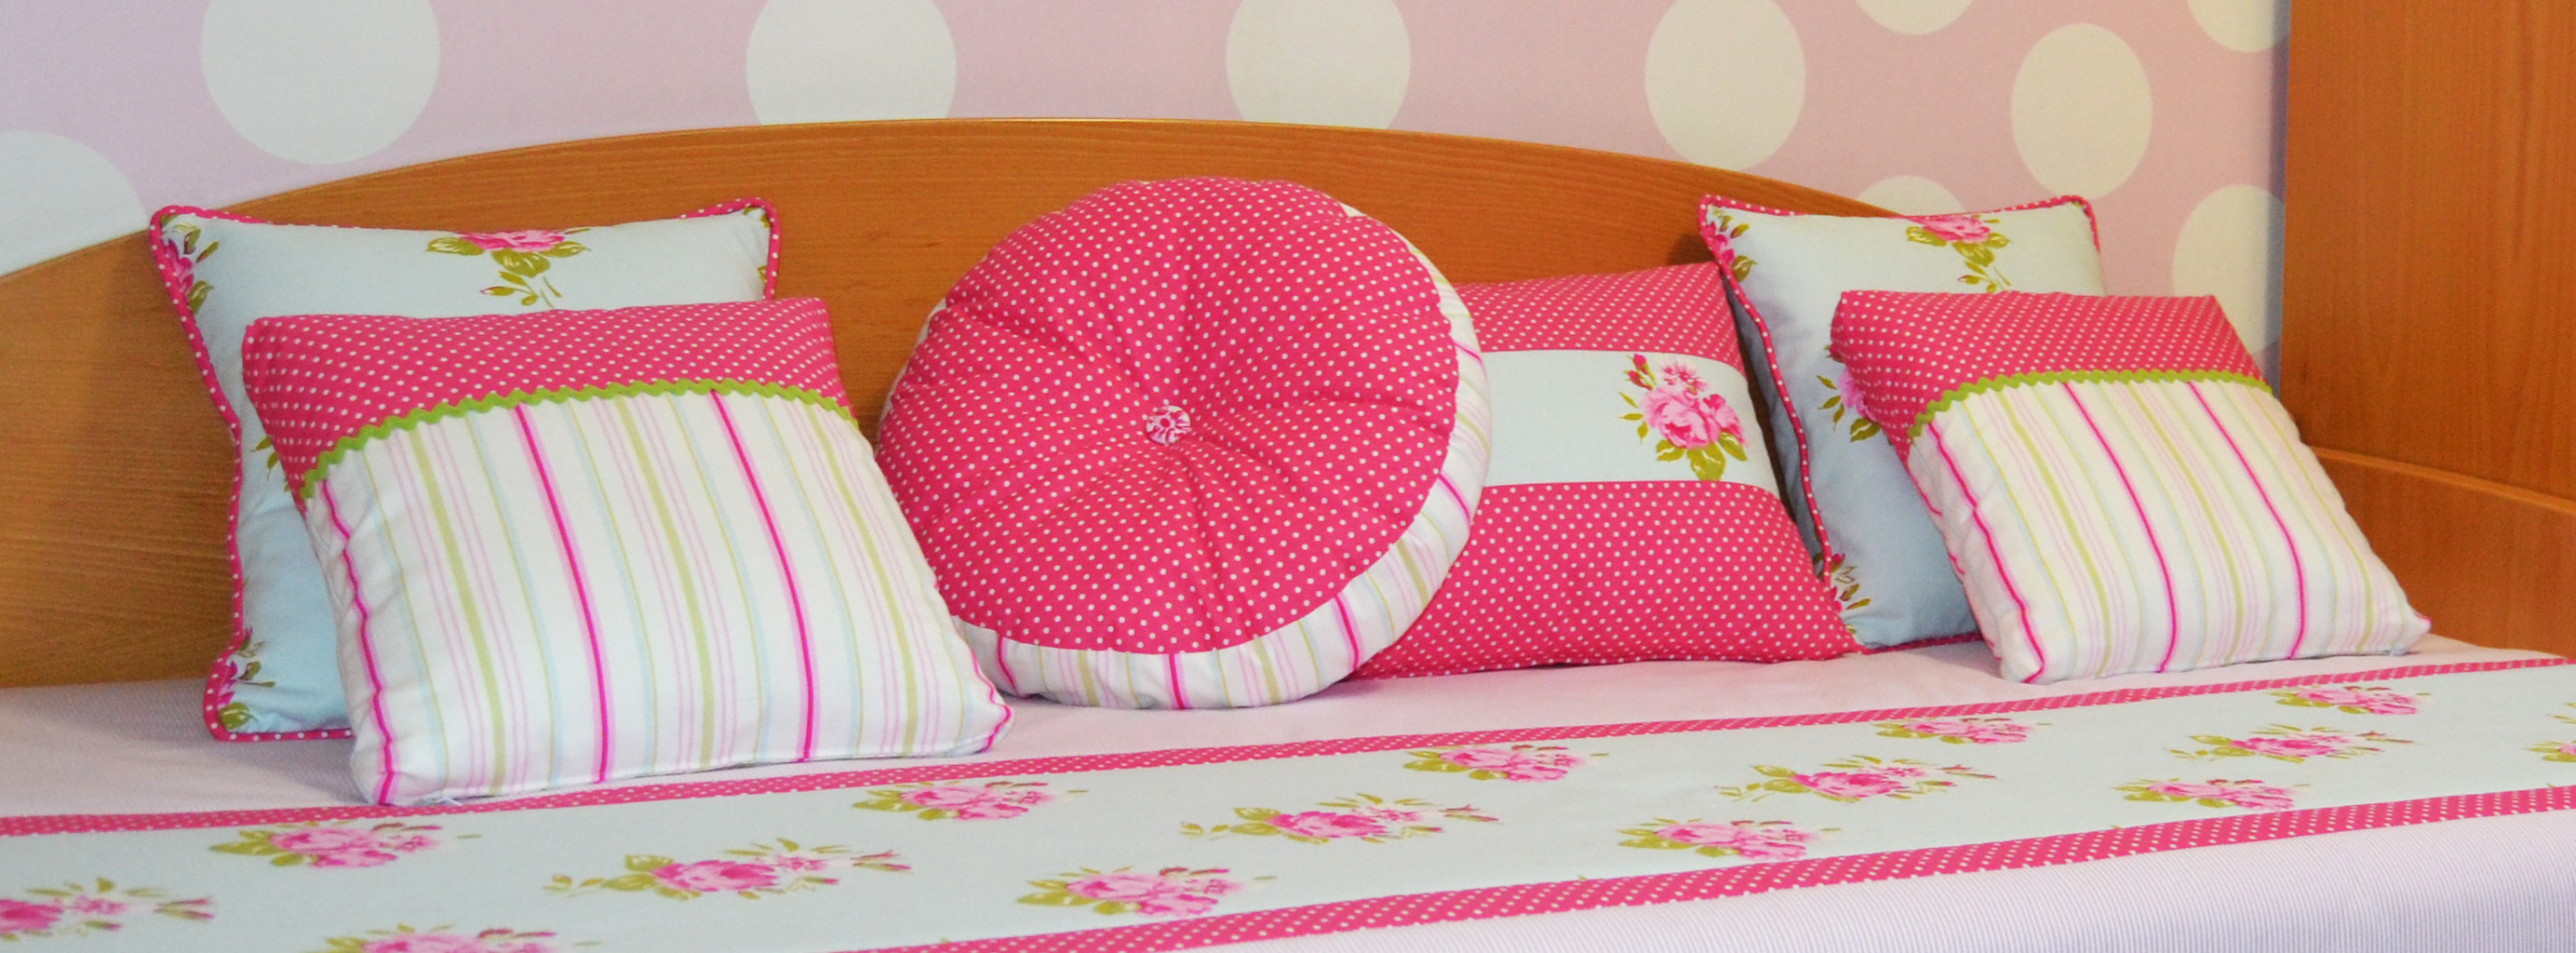 Combinando telas para un dormitorio juvenil villalba - Cojines para cabeceros de cama ...